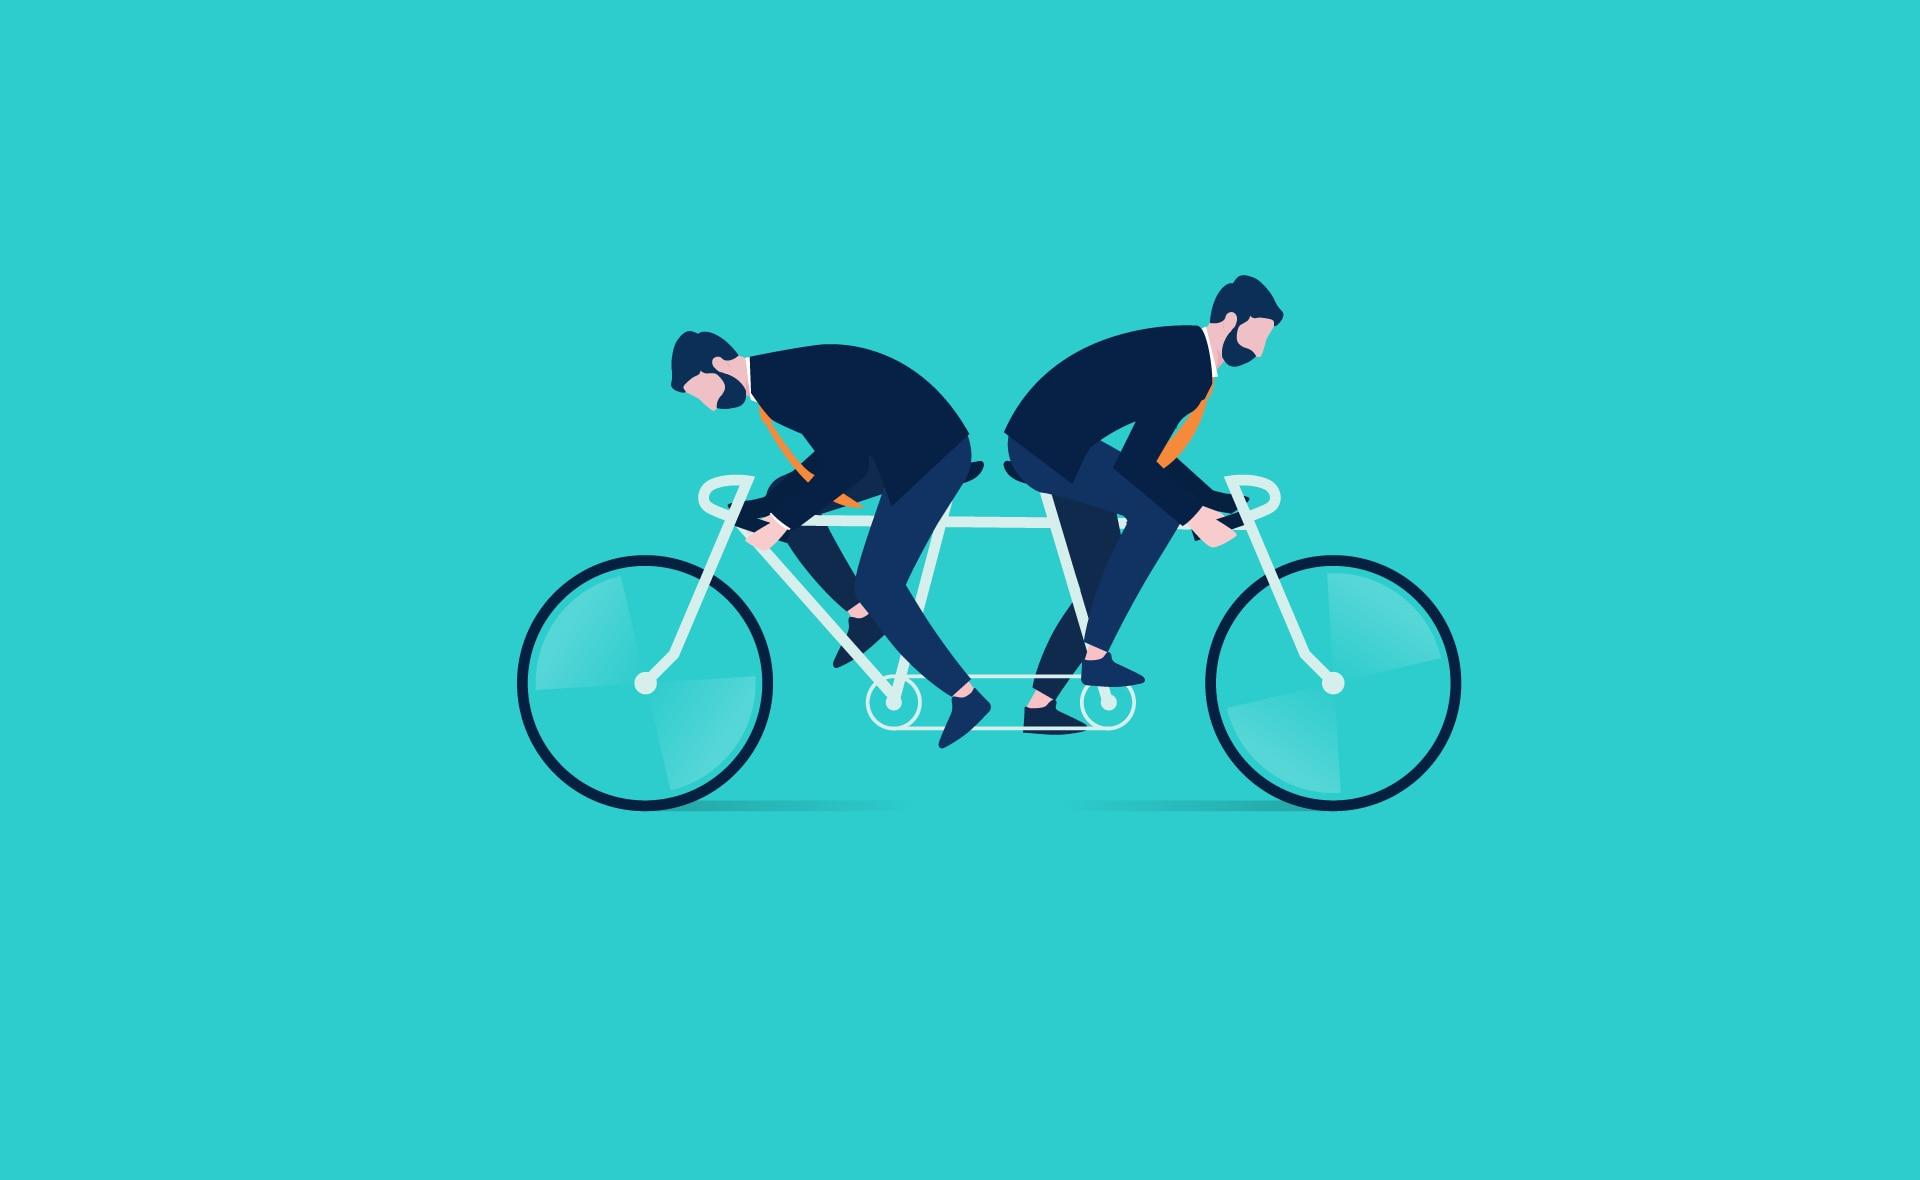 BBVA-podcast-agile-conflictos-empresa-trabajo-soluciones-problemas-equipo